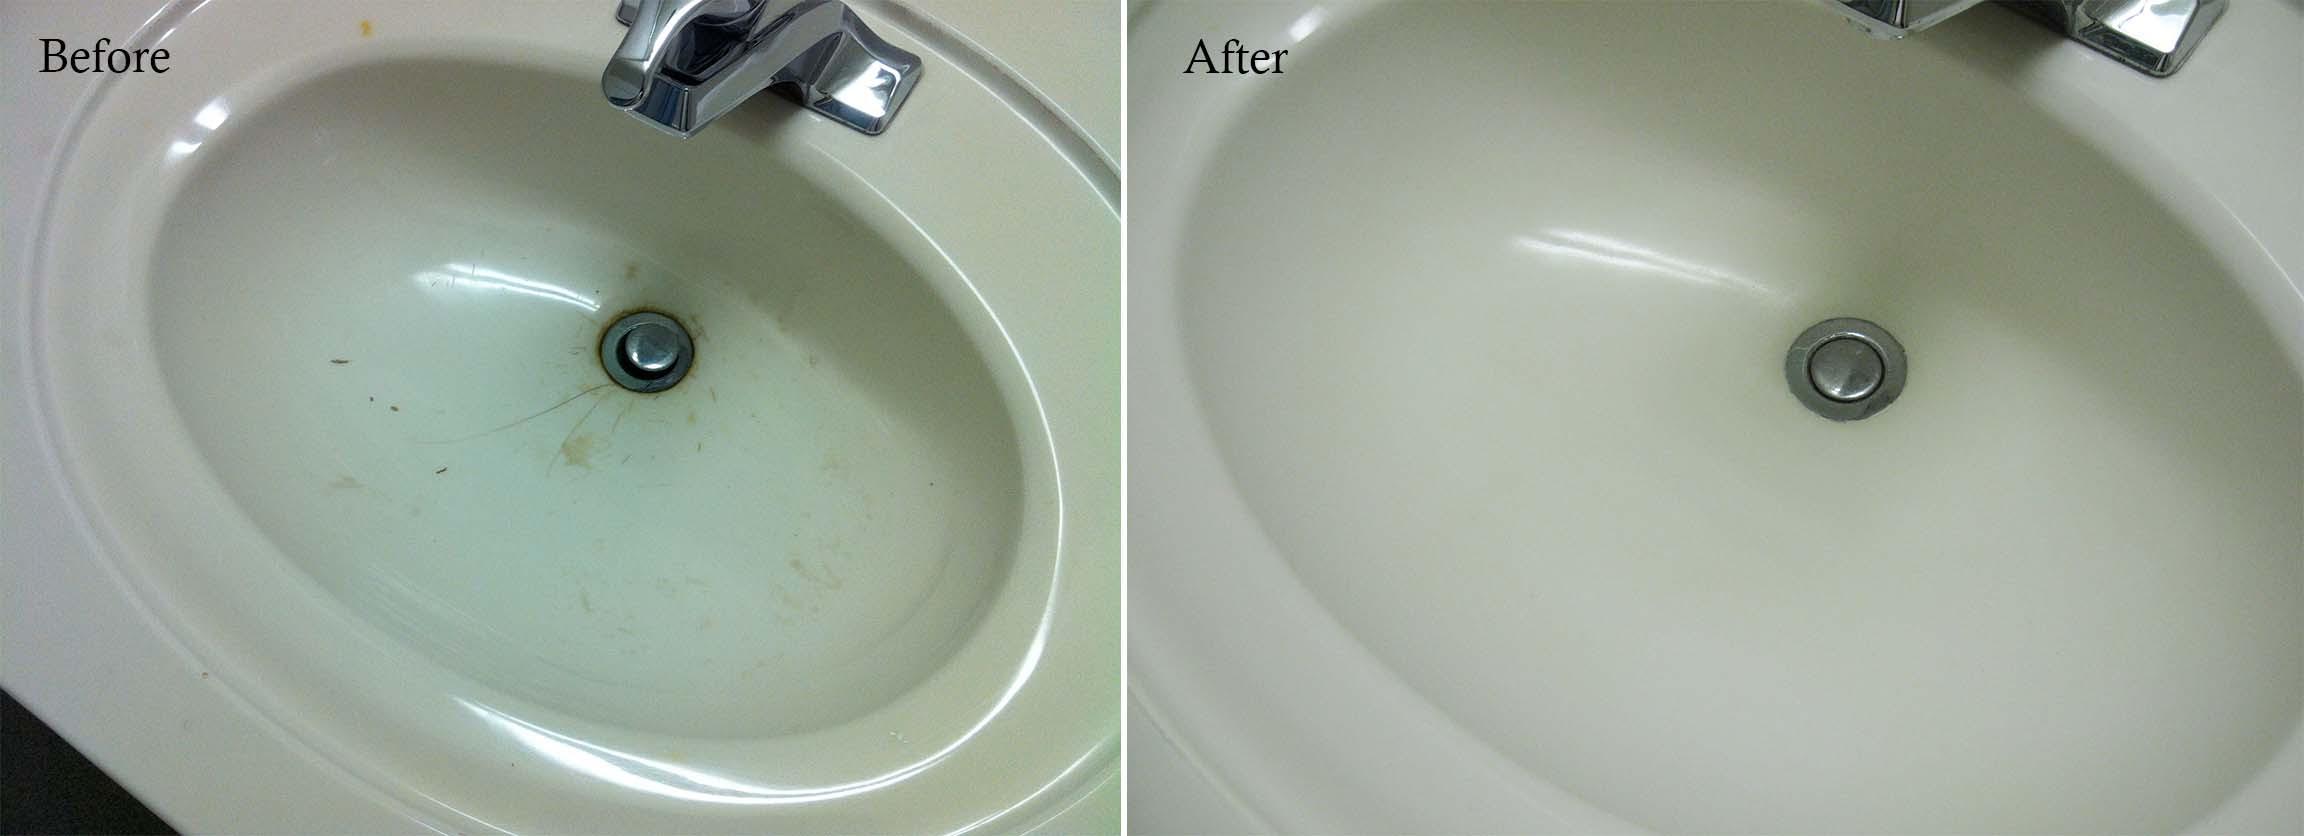 repair crack bathroom sink drawgett